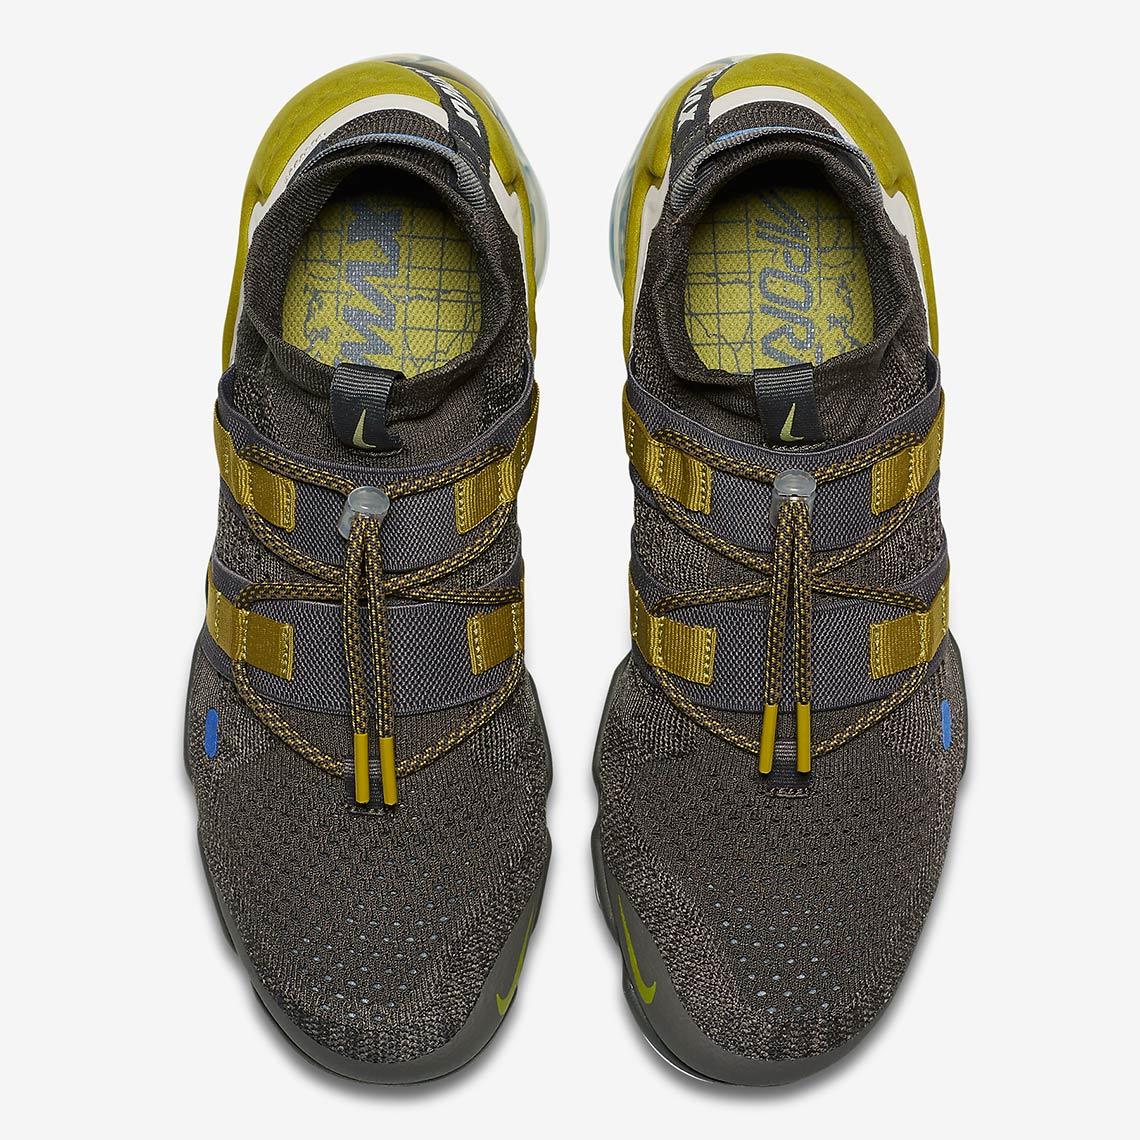 official photos 738a8 51a5c Nike Vapormax Utility